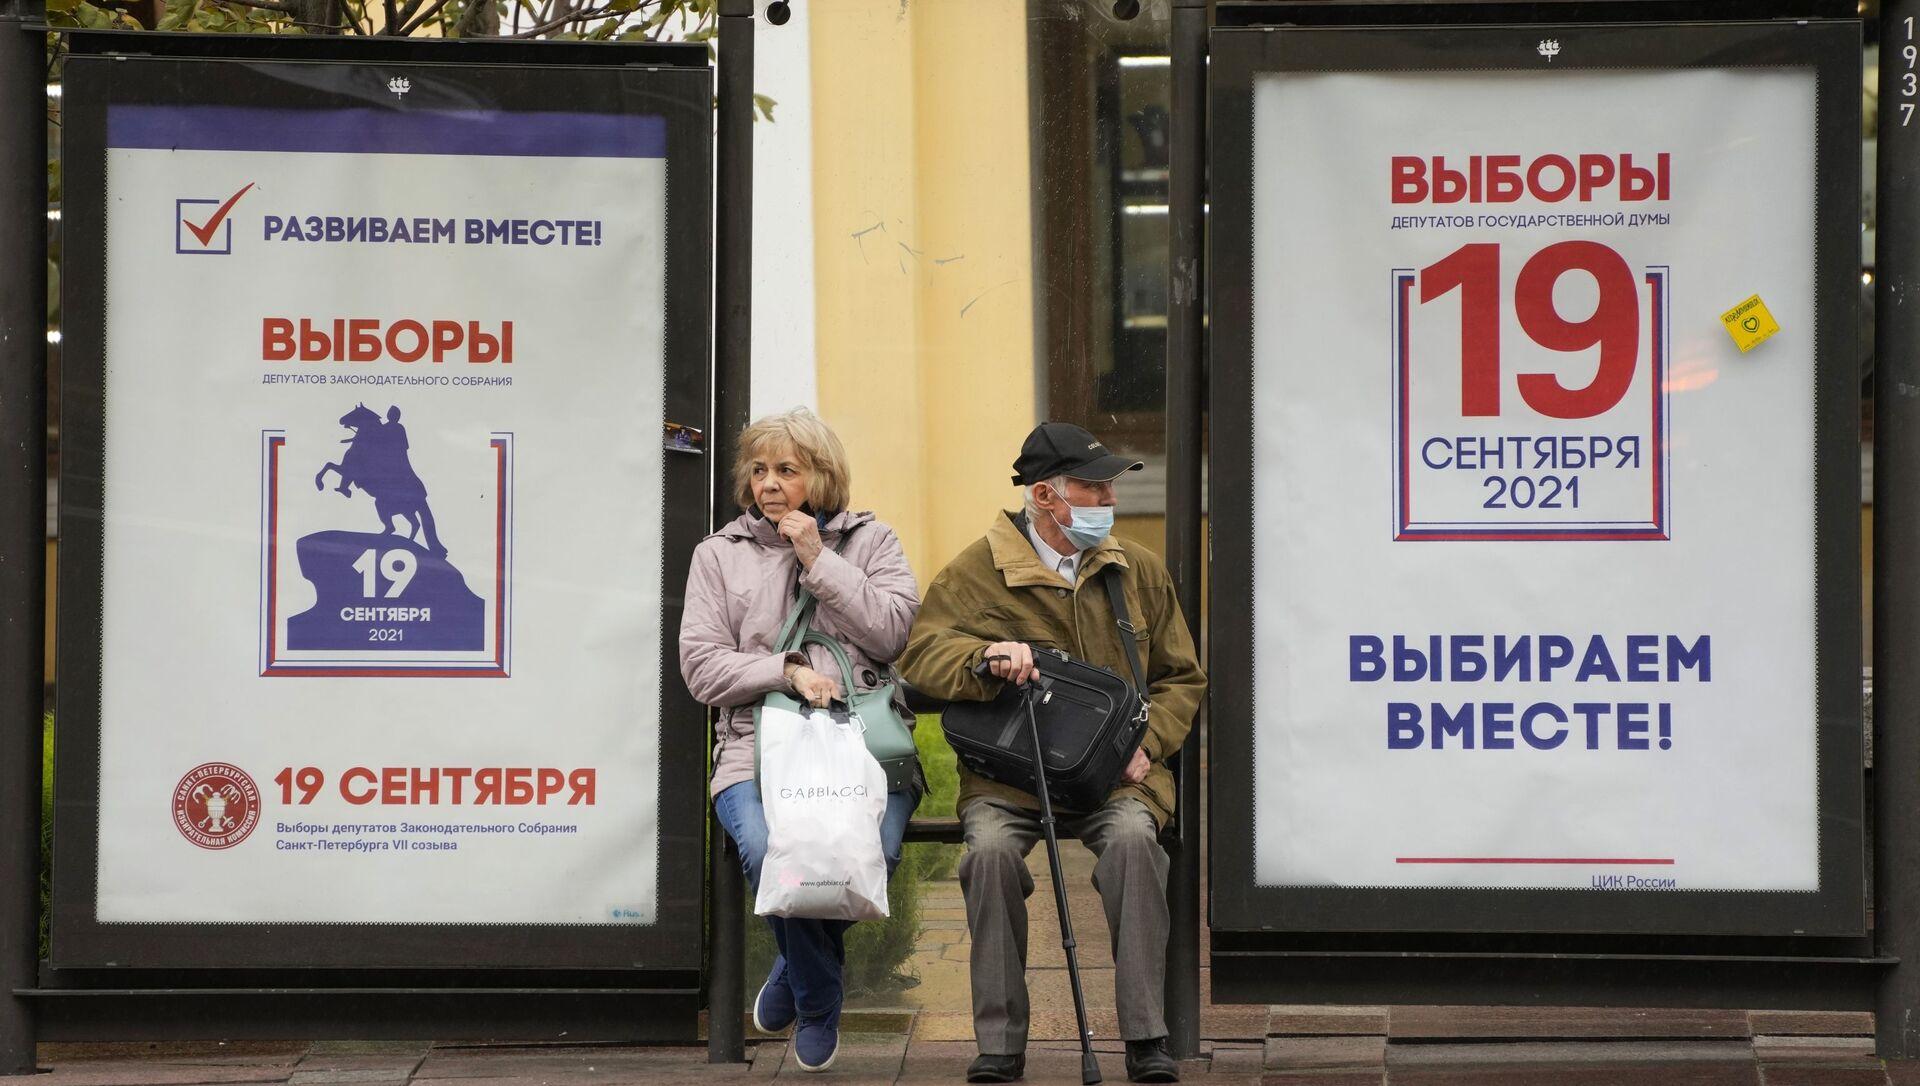 Выборы в Государственную думу в РФ (2021) - Sputnik Азербайджан, 1920, 18.09.2021